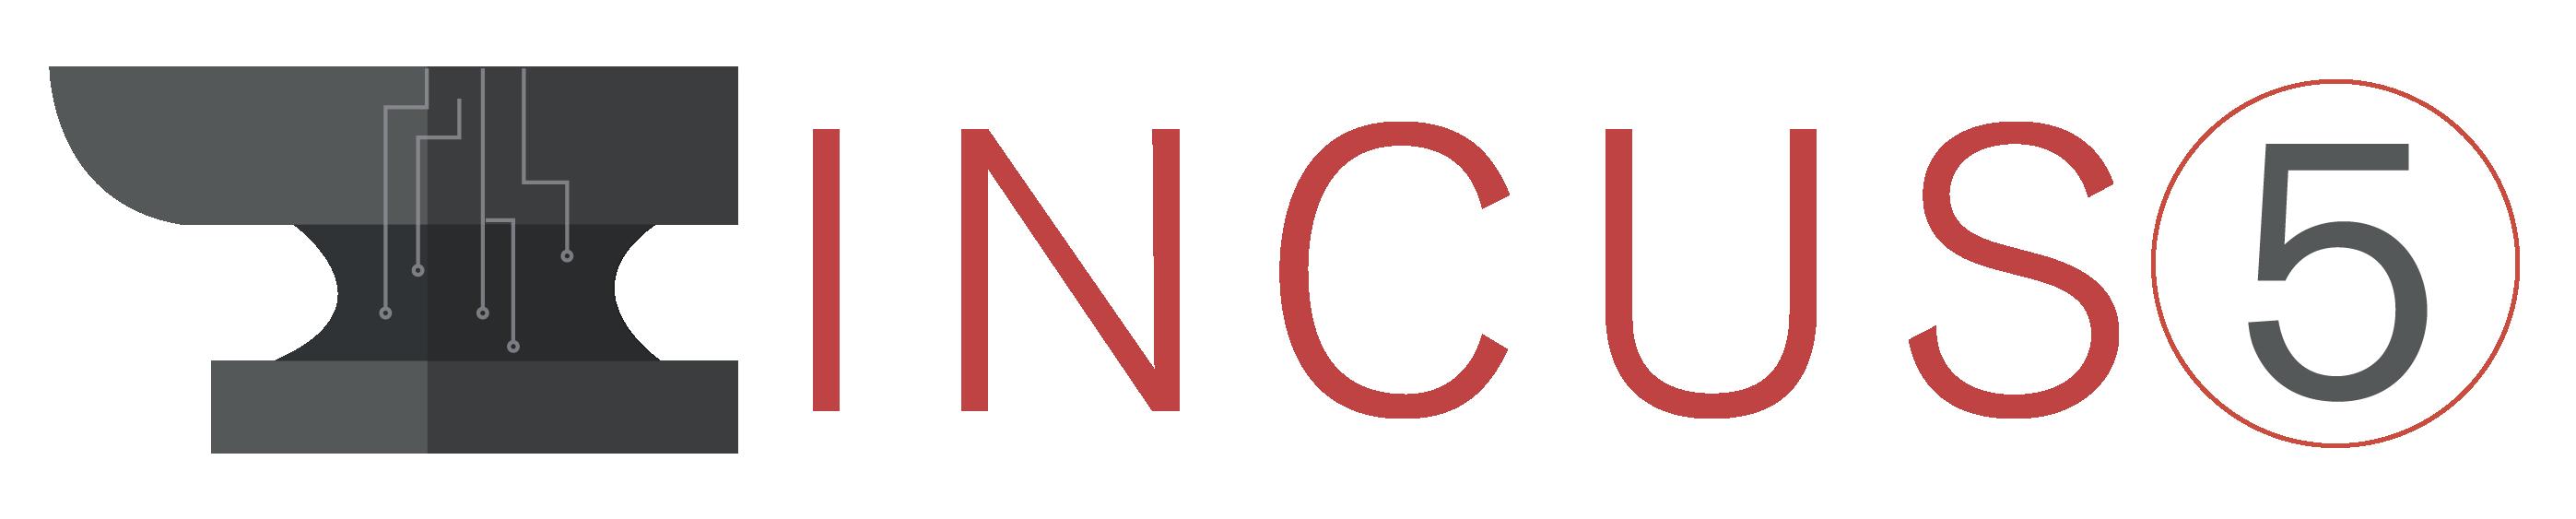 Incus5 Inc.